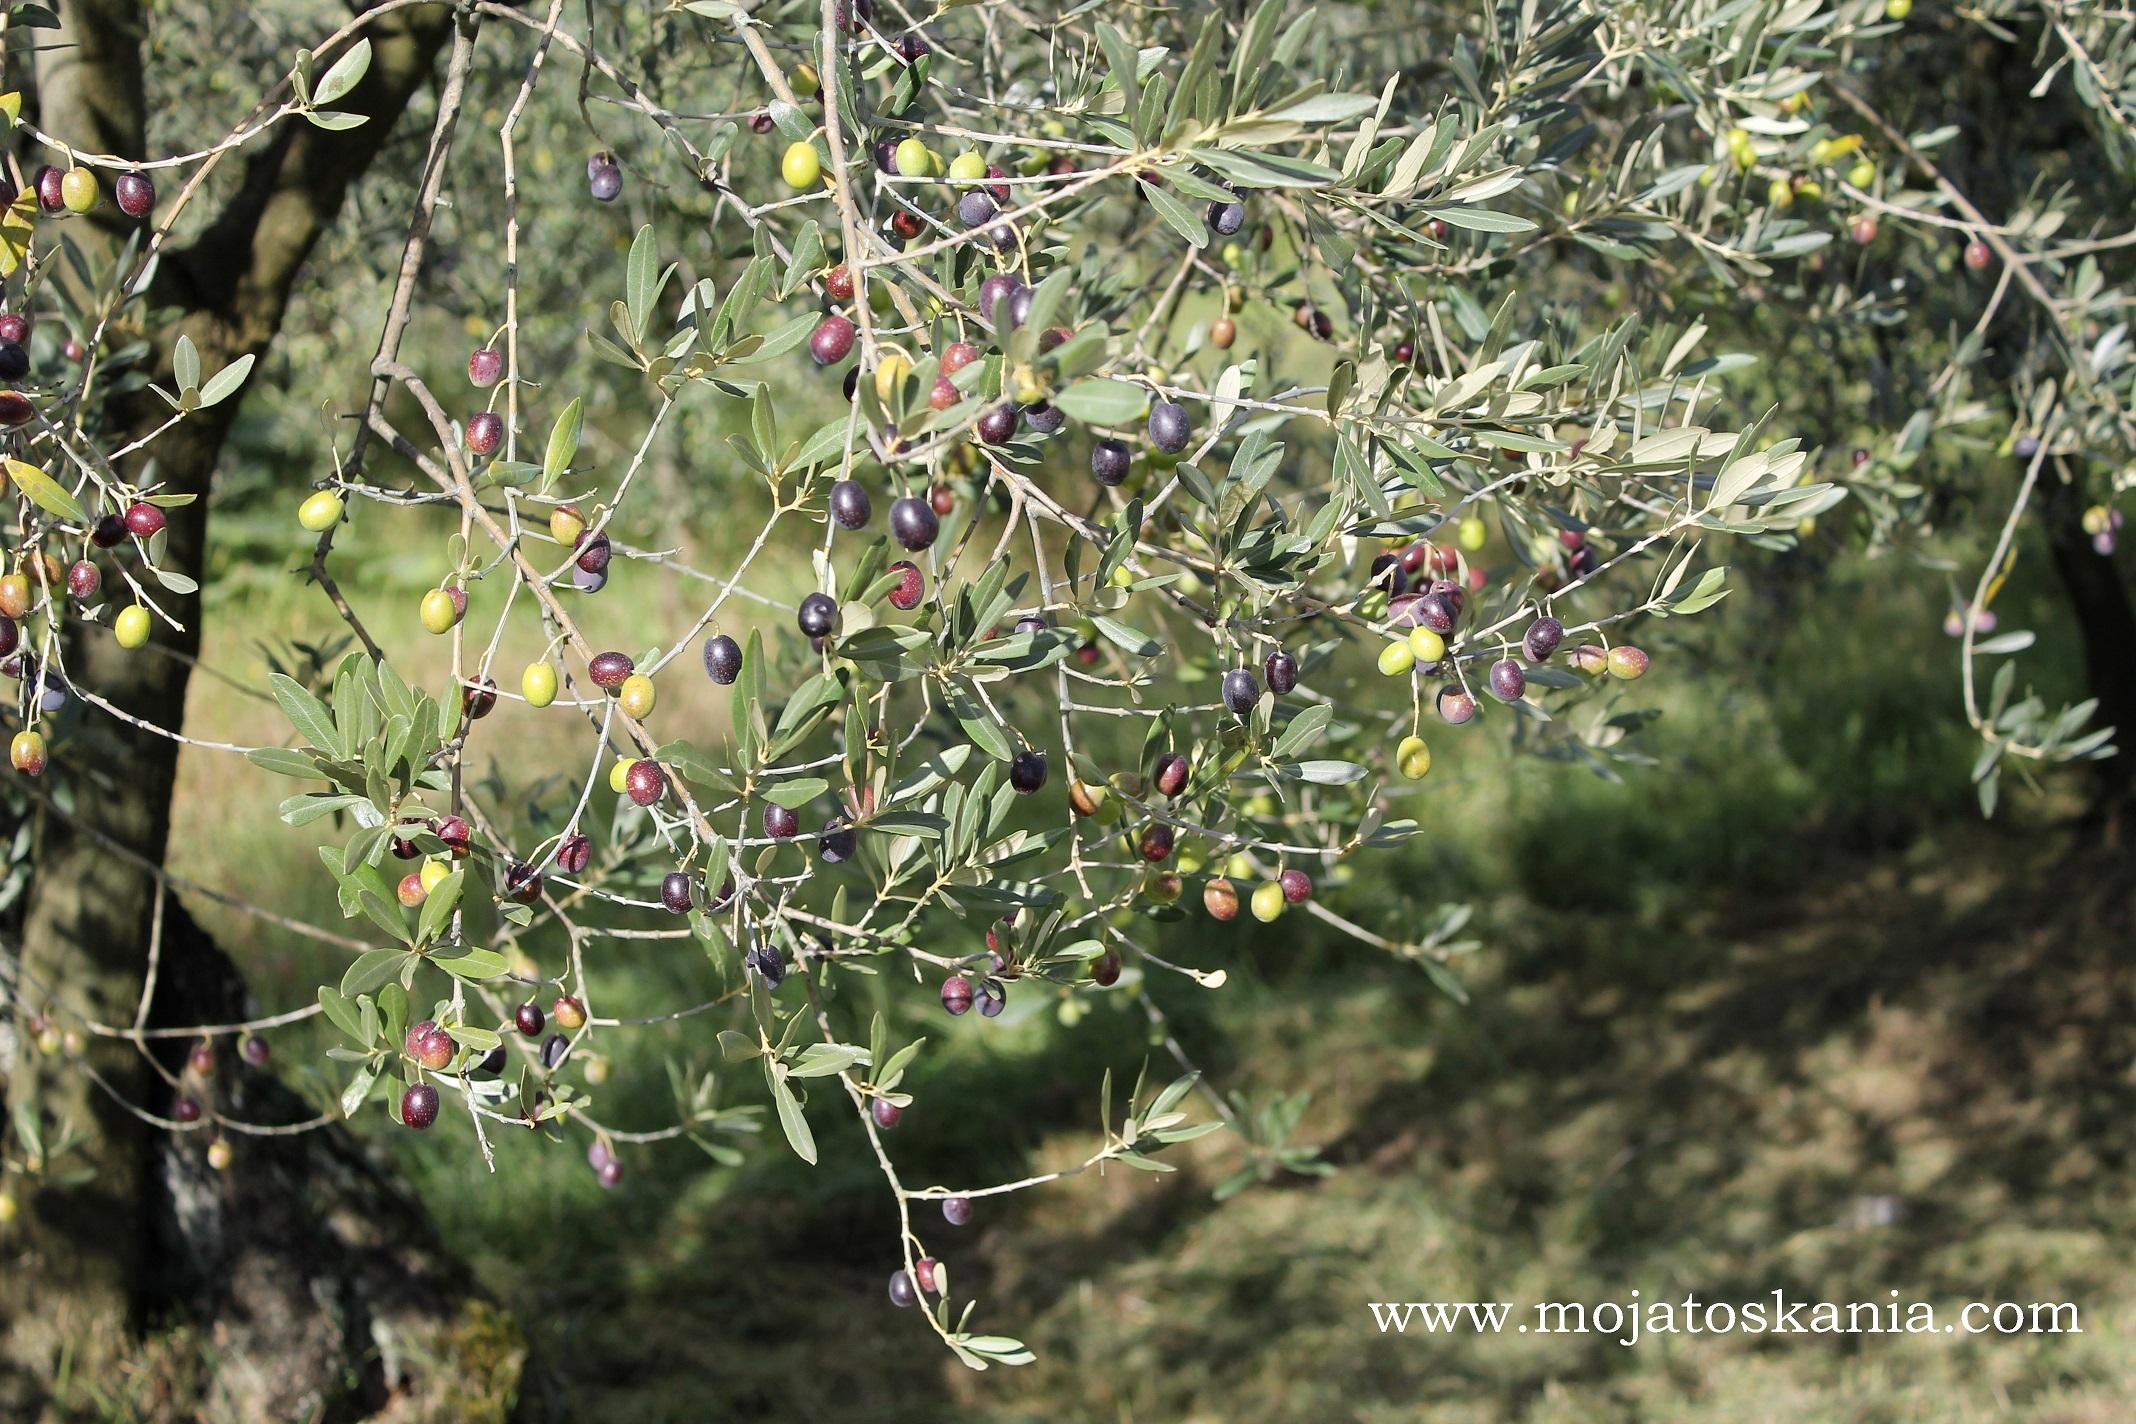 Różnobarwne koraliki oliwek na oliwnym drzewku szczęścia :).